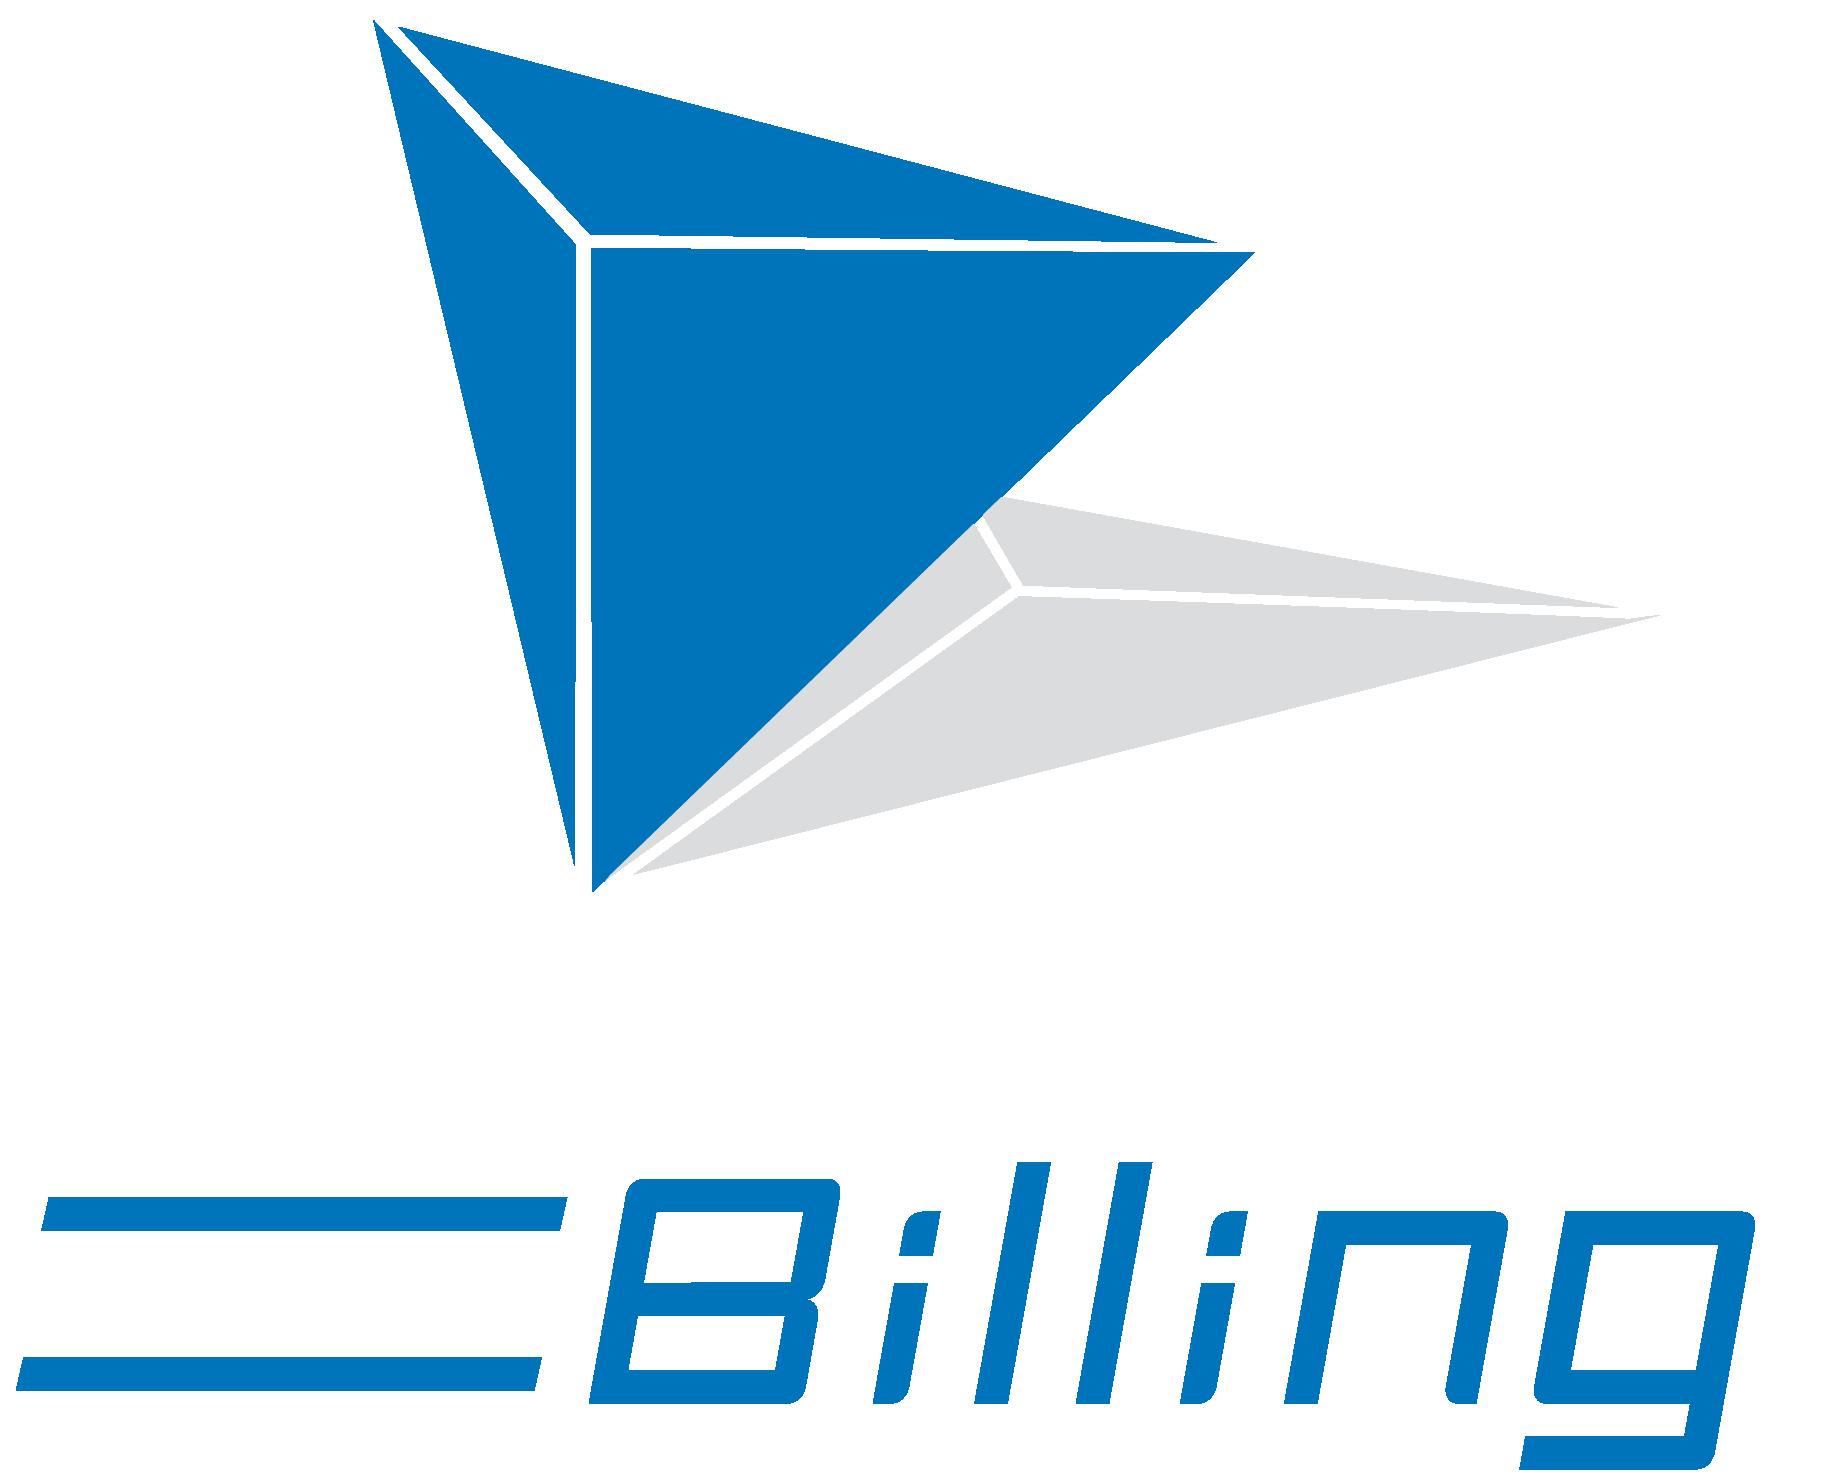 EBS_2020_WebsiteLogo-02